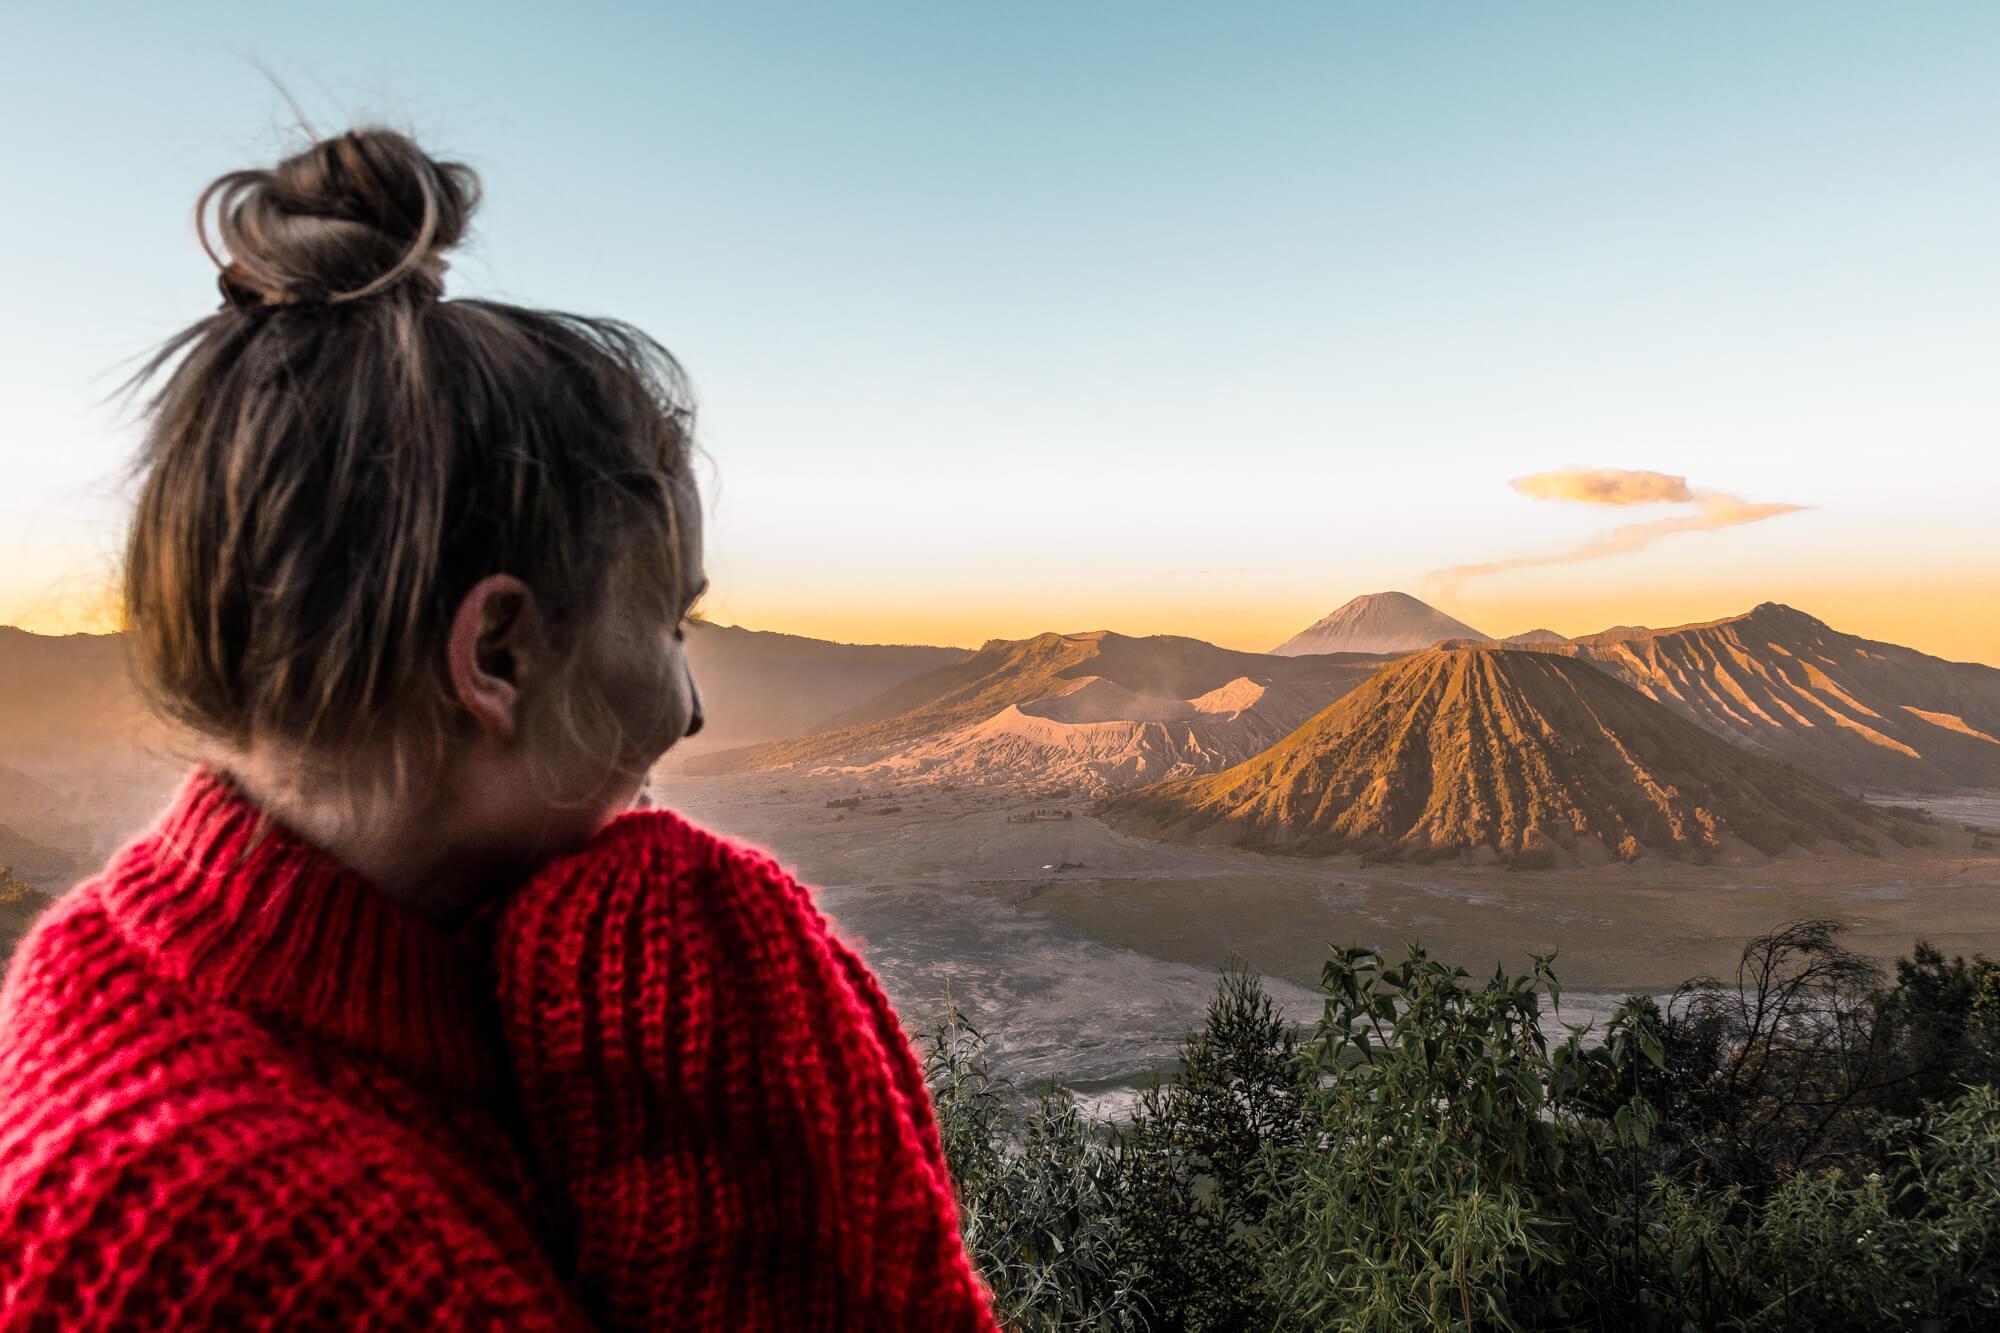 Bromo vulkaan, Java, Indonesië, reizen door Indonesië, budget Indonesië, hoeveel kost reizen door Indonesië, youngwildfree, reisblog, belgische reisblog,